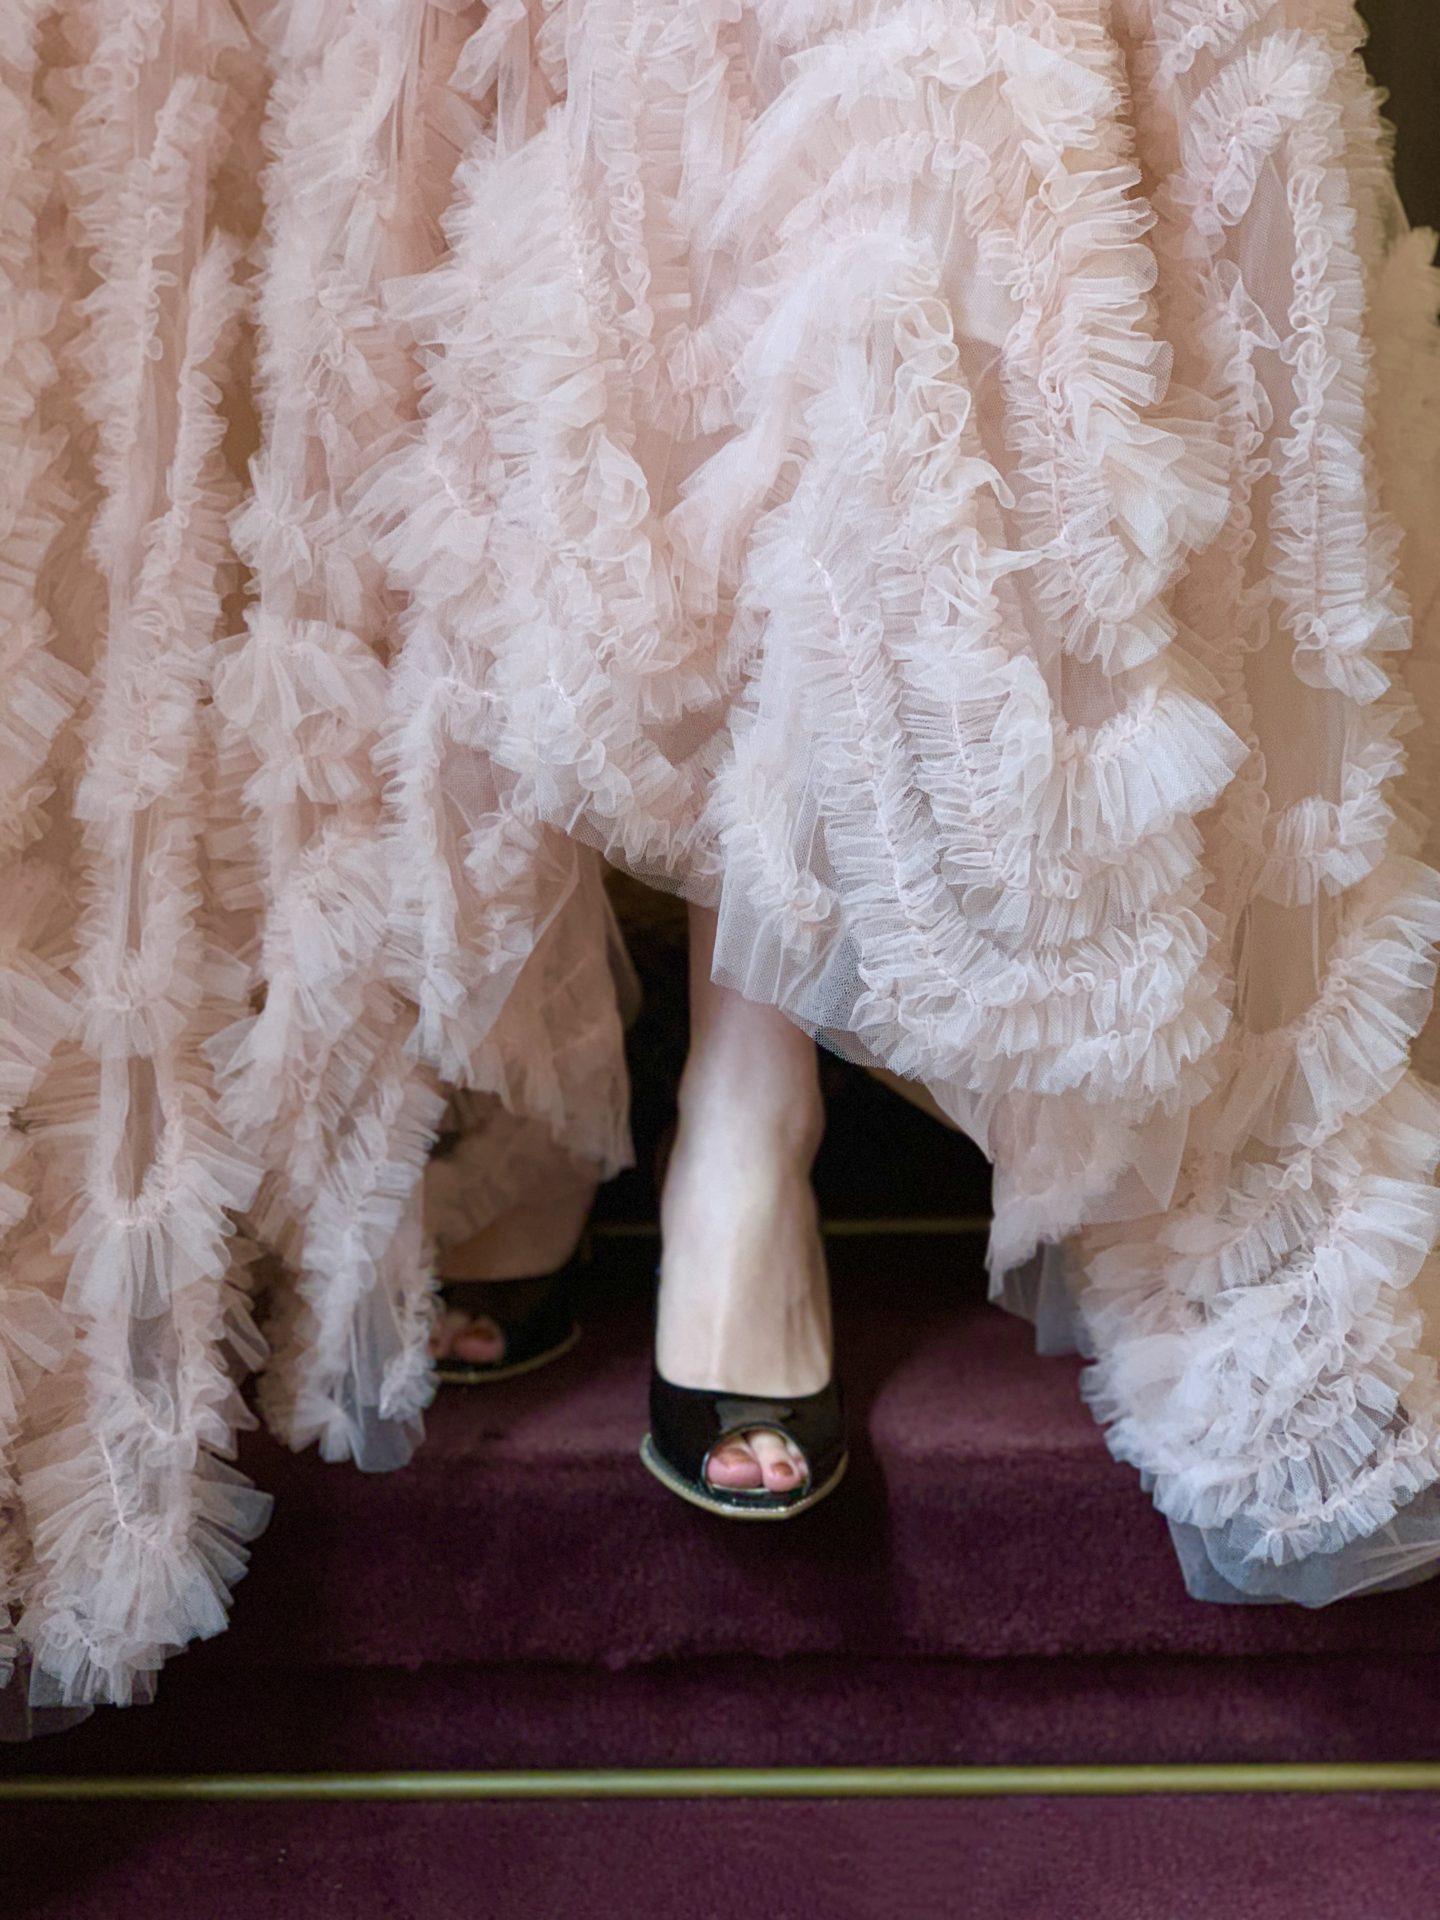 THE TREAT DRESSING(ザ・トリート・ドレッシング)のピンクのカラードレスの裾元からブラックのオープントゥのシューズをのぞかせるおしゃれなお色直しのコーディネート